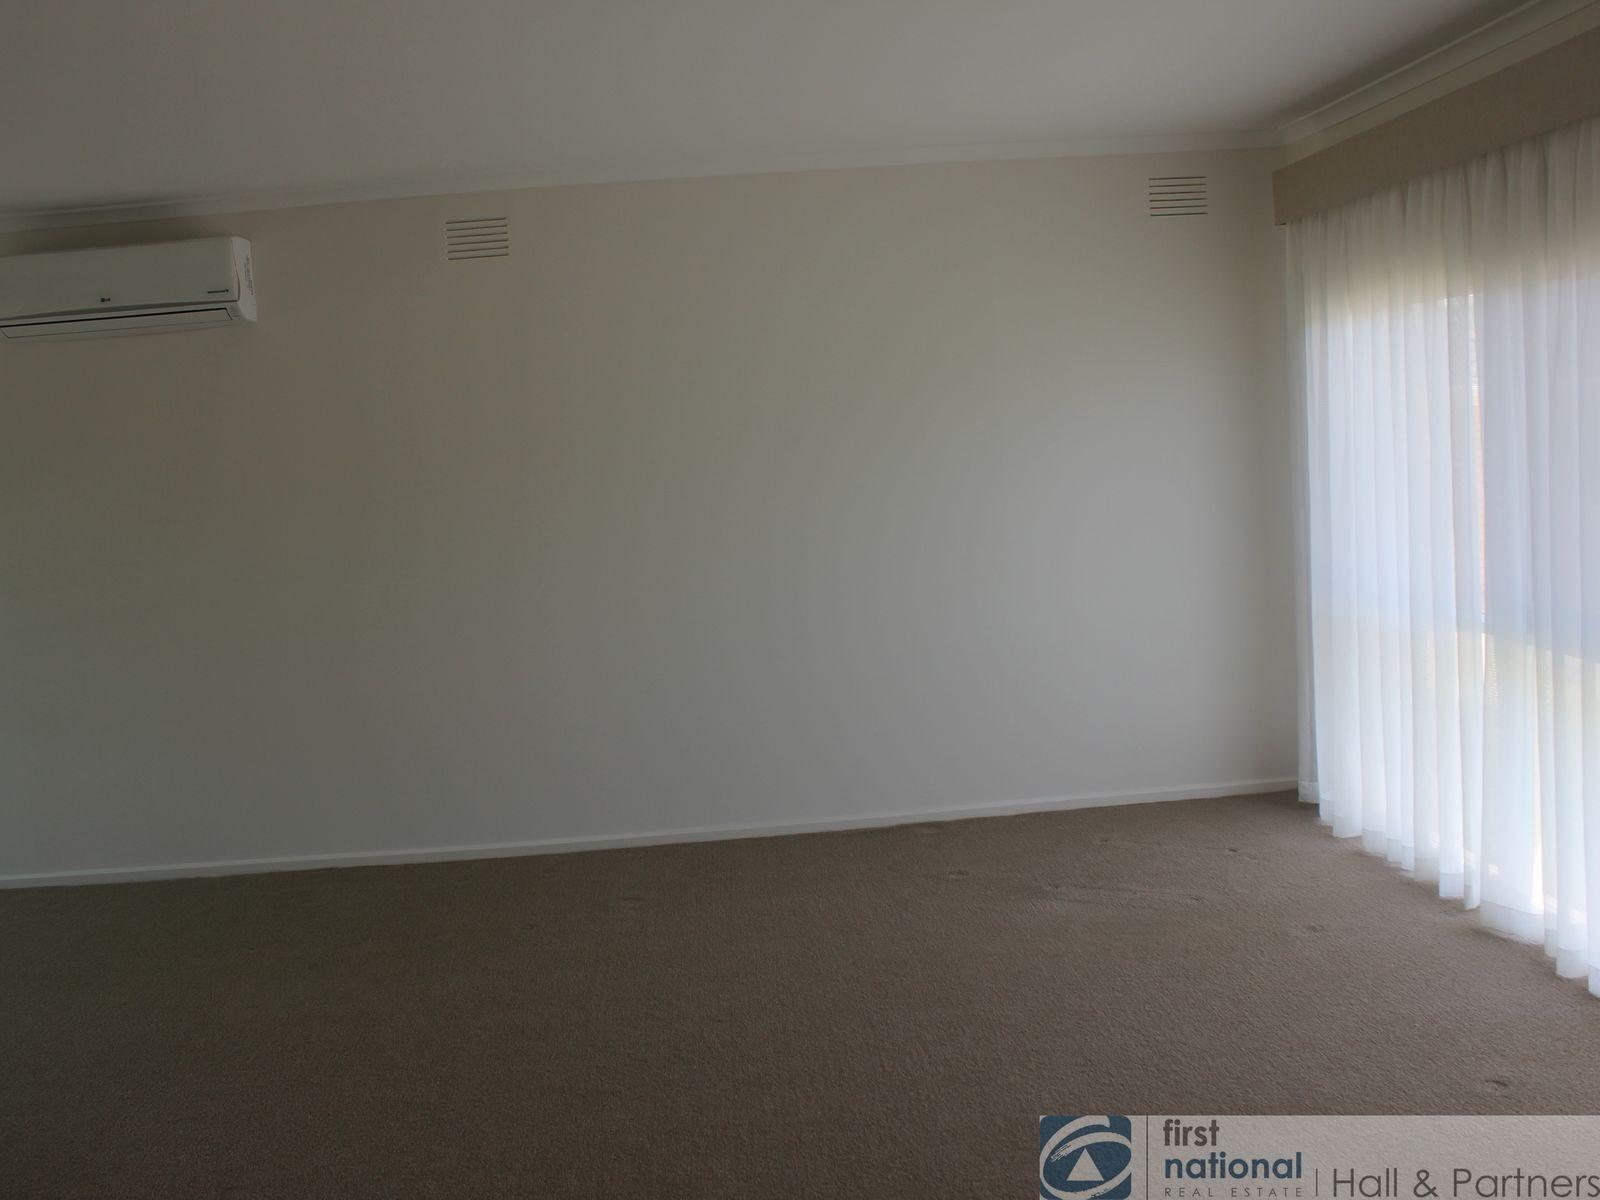 7 Dealbata Avenue, Endeavour Hills, VIC 3802